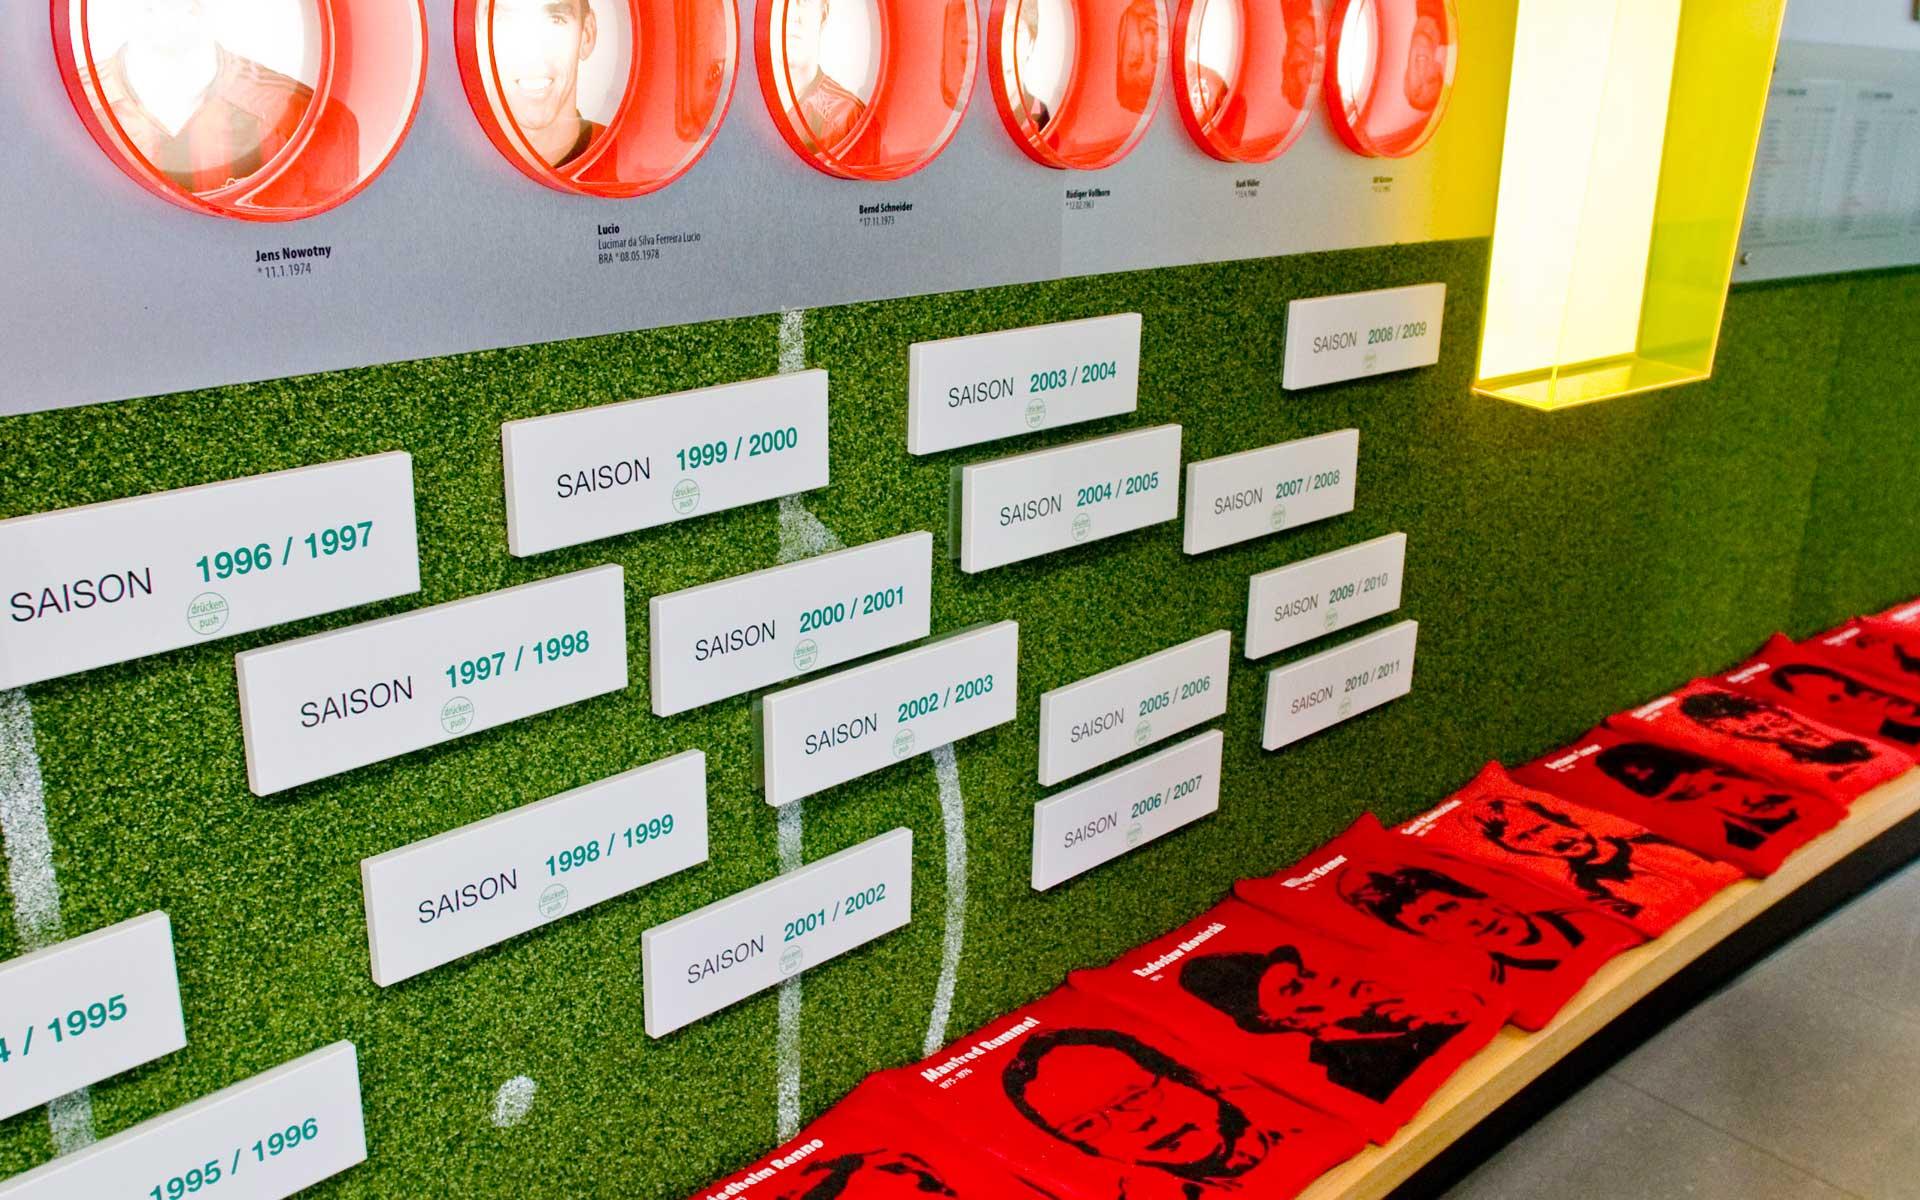 Bayer 04 Foyer BayArena, Brand Space, Saison-Schubladen, Trainerbank mit Trainerportraits